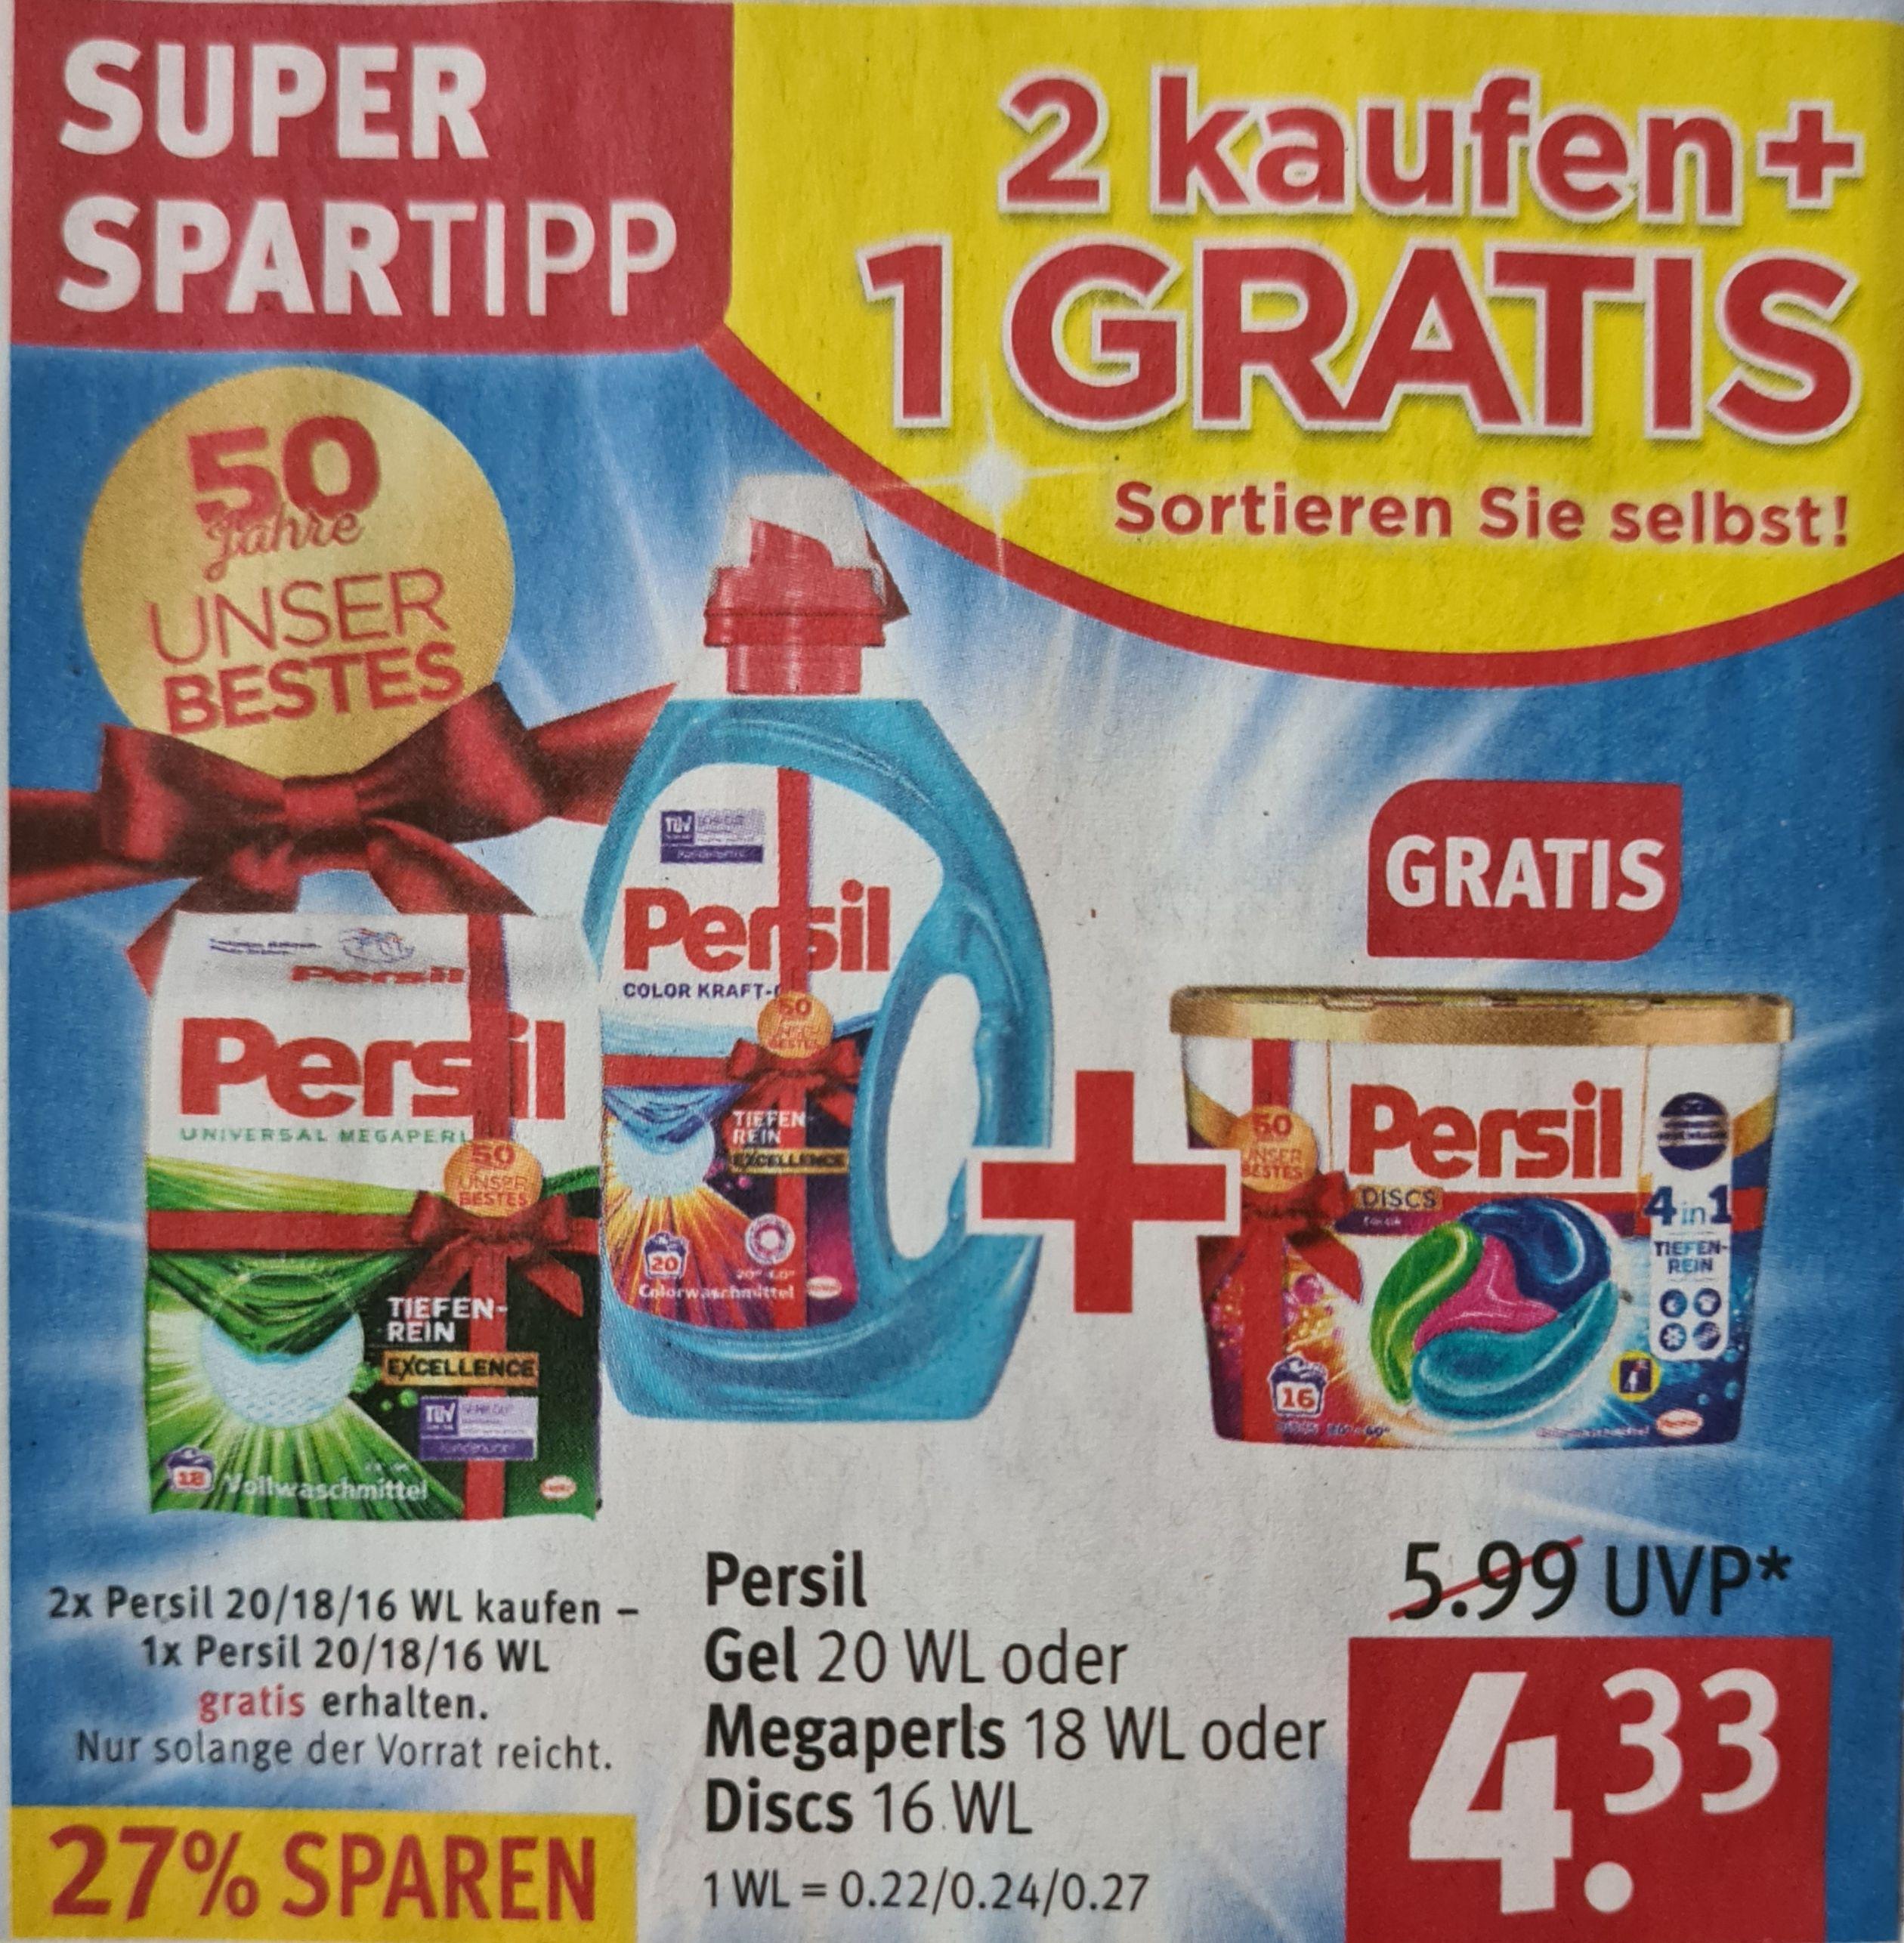 [ROSSMANN] 3x Persil Waschmittel 20WL, 18WL und/oder 16WL für 6€